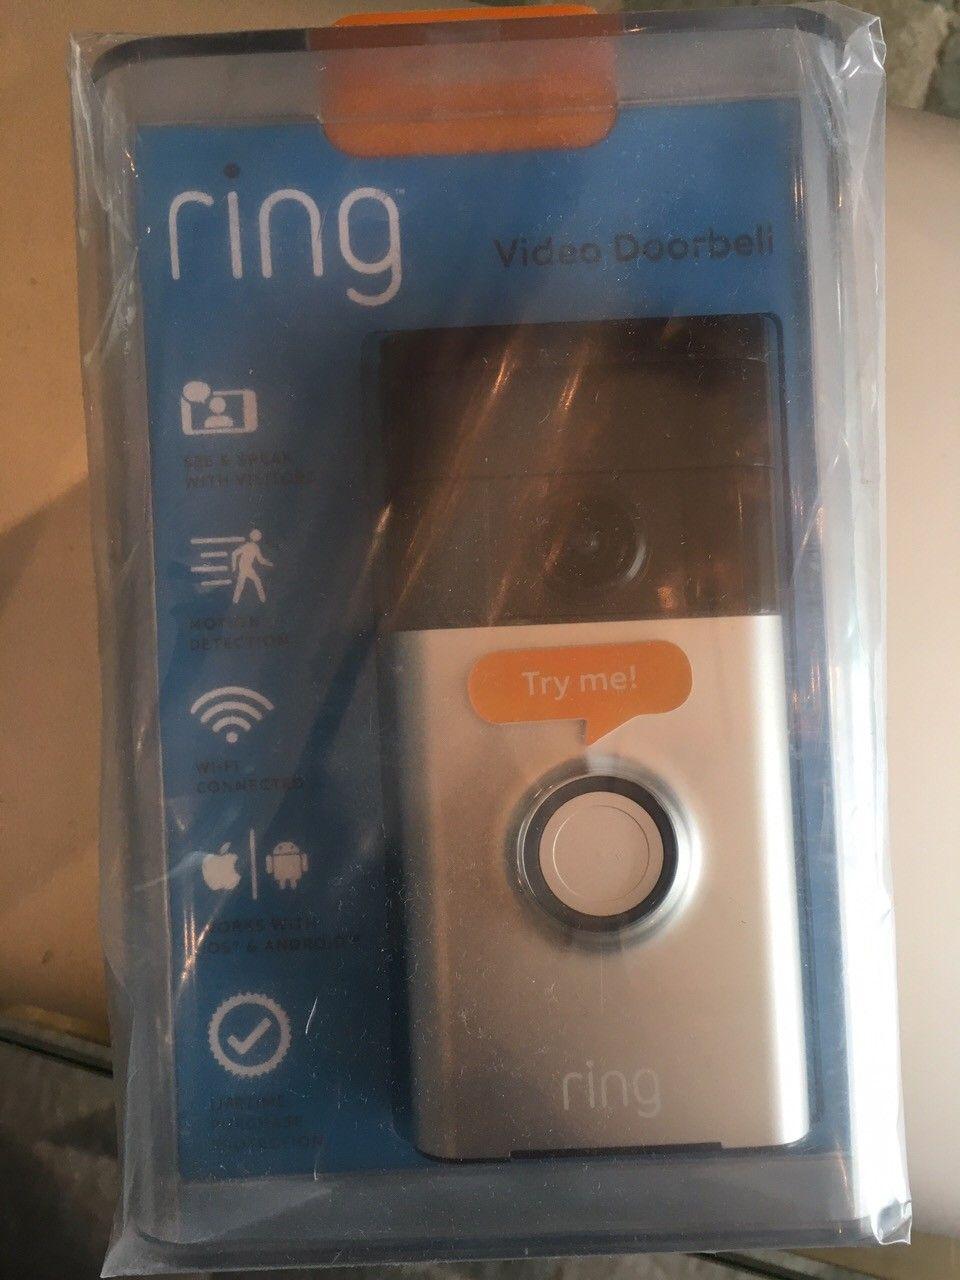 Ring video dørklokke - Krokkleiva  - Ring video doorbell selges. Helt ny i ubrutt pakning. Kjøpt på boligmesse på Lillestrøm.   Se link under for mer info om produktet: https://www.sikkerheten-selv.no/product/1125/ring-doorbell-video-ringeklokke-med-kamera-og-a - Krokkleiva